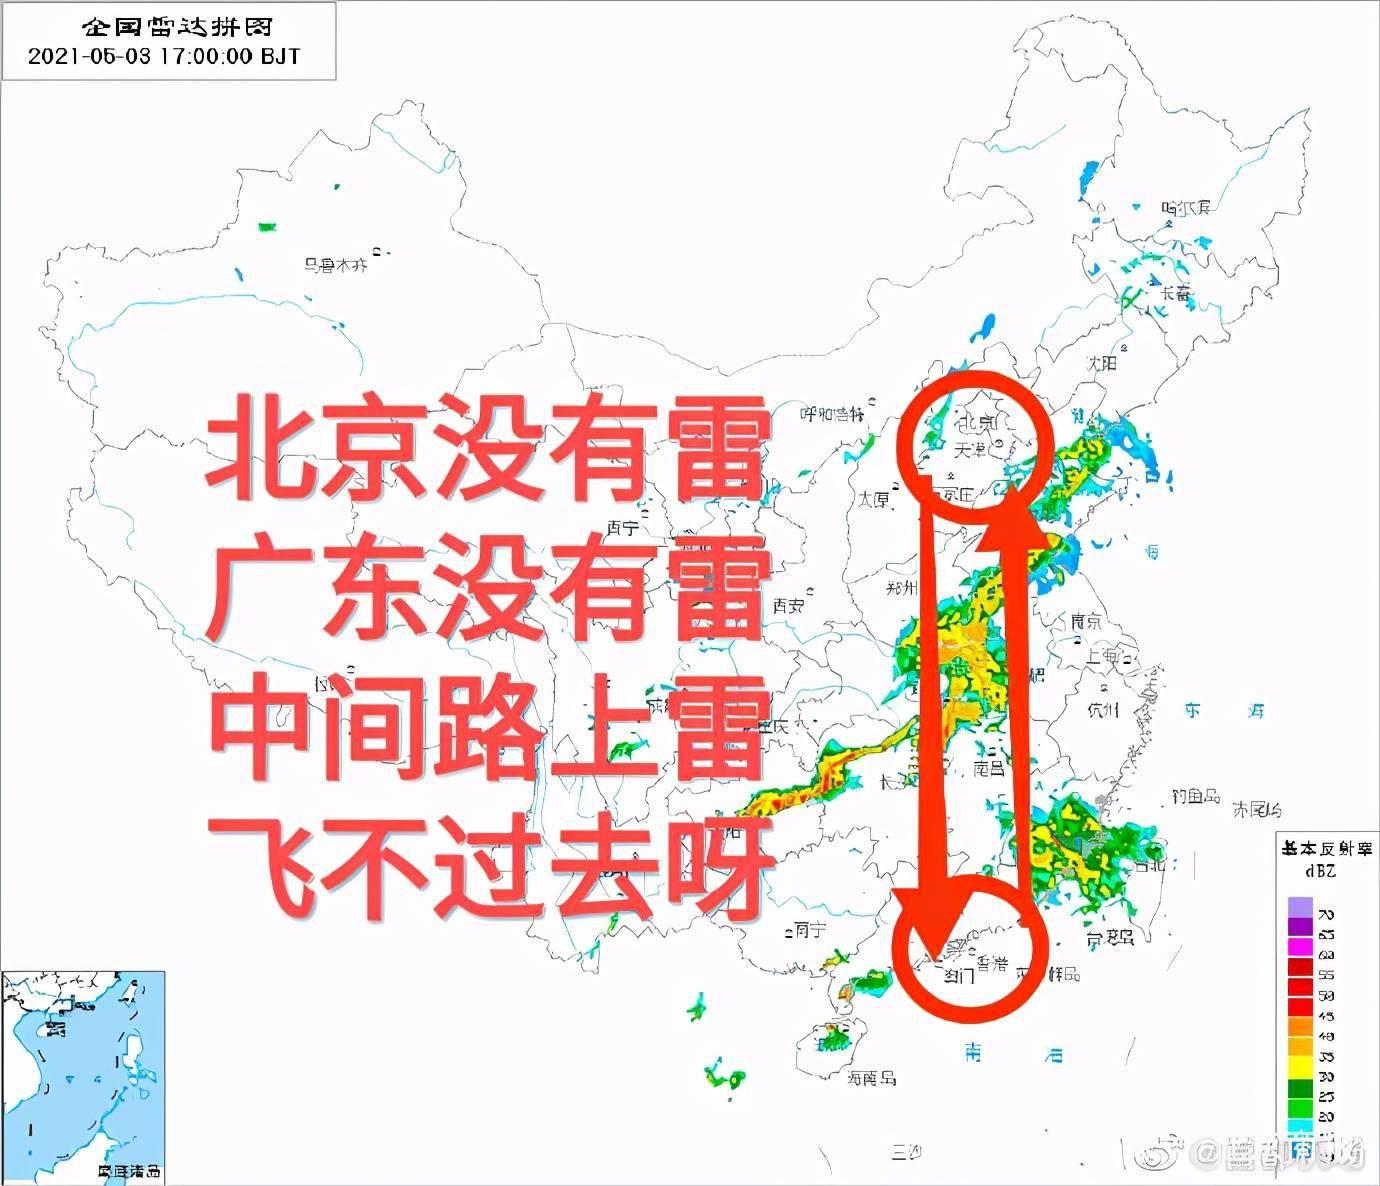 北京、广州没打雷,为啥航班还因为雷雨延误?首都机场回应